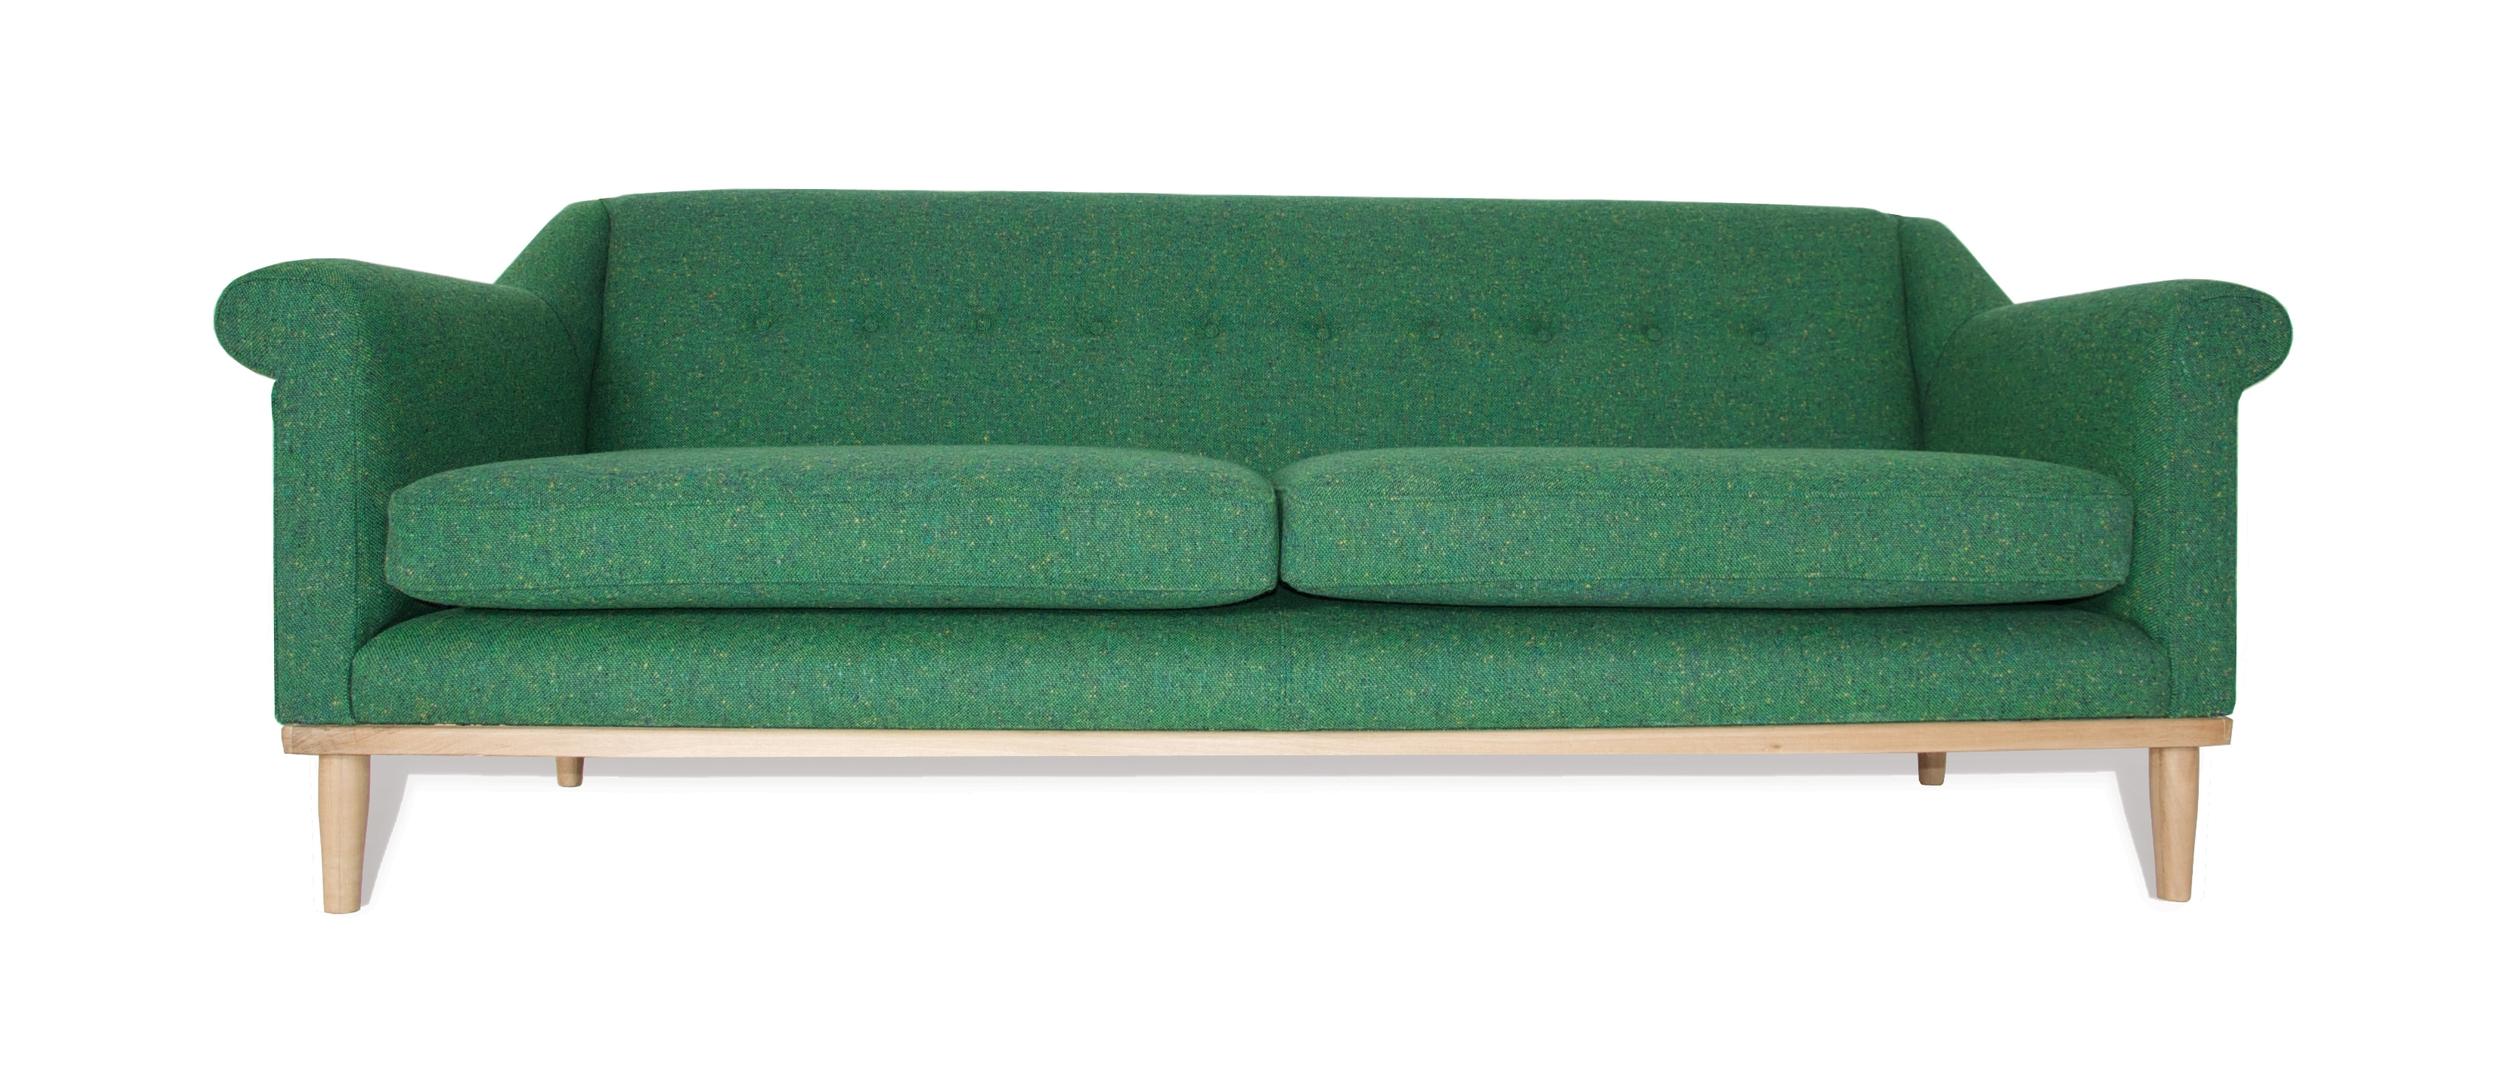 Eames Era Sofa